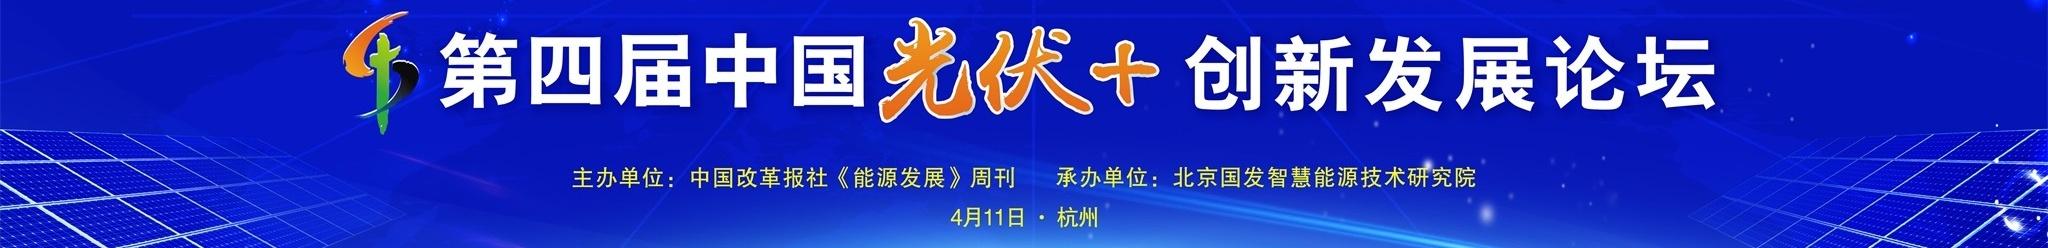 第四届中国光伏+创新发展论坛